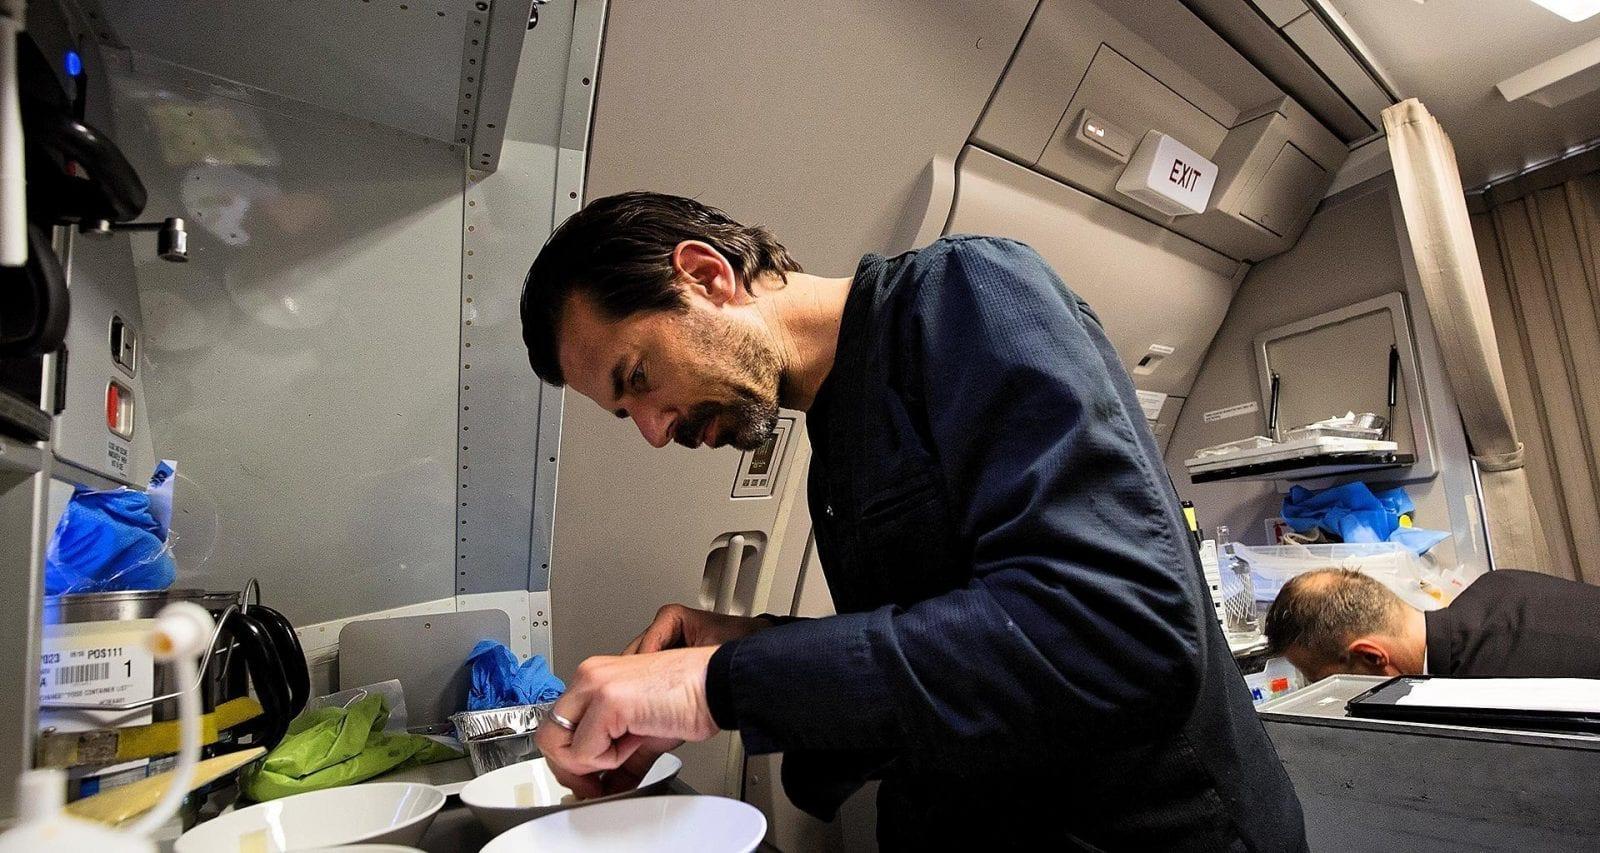 Andreas Caminada galley meal preparation